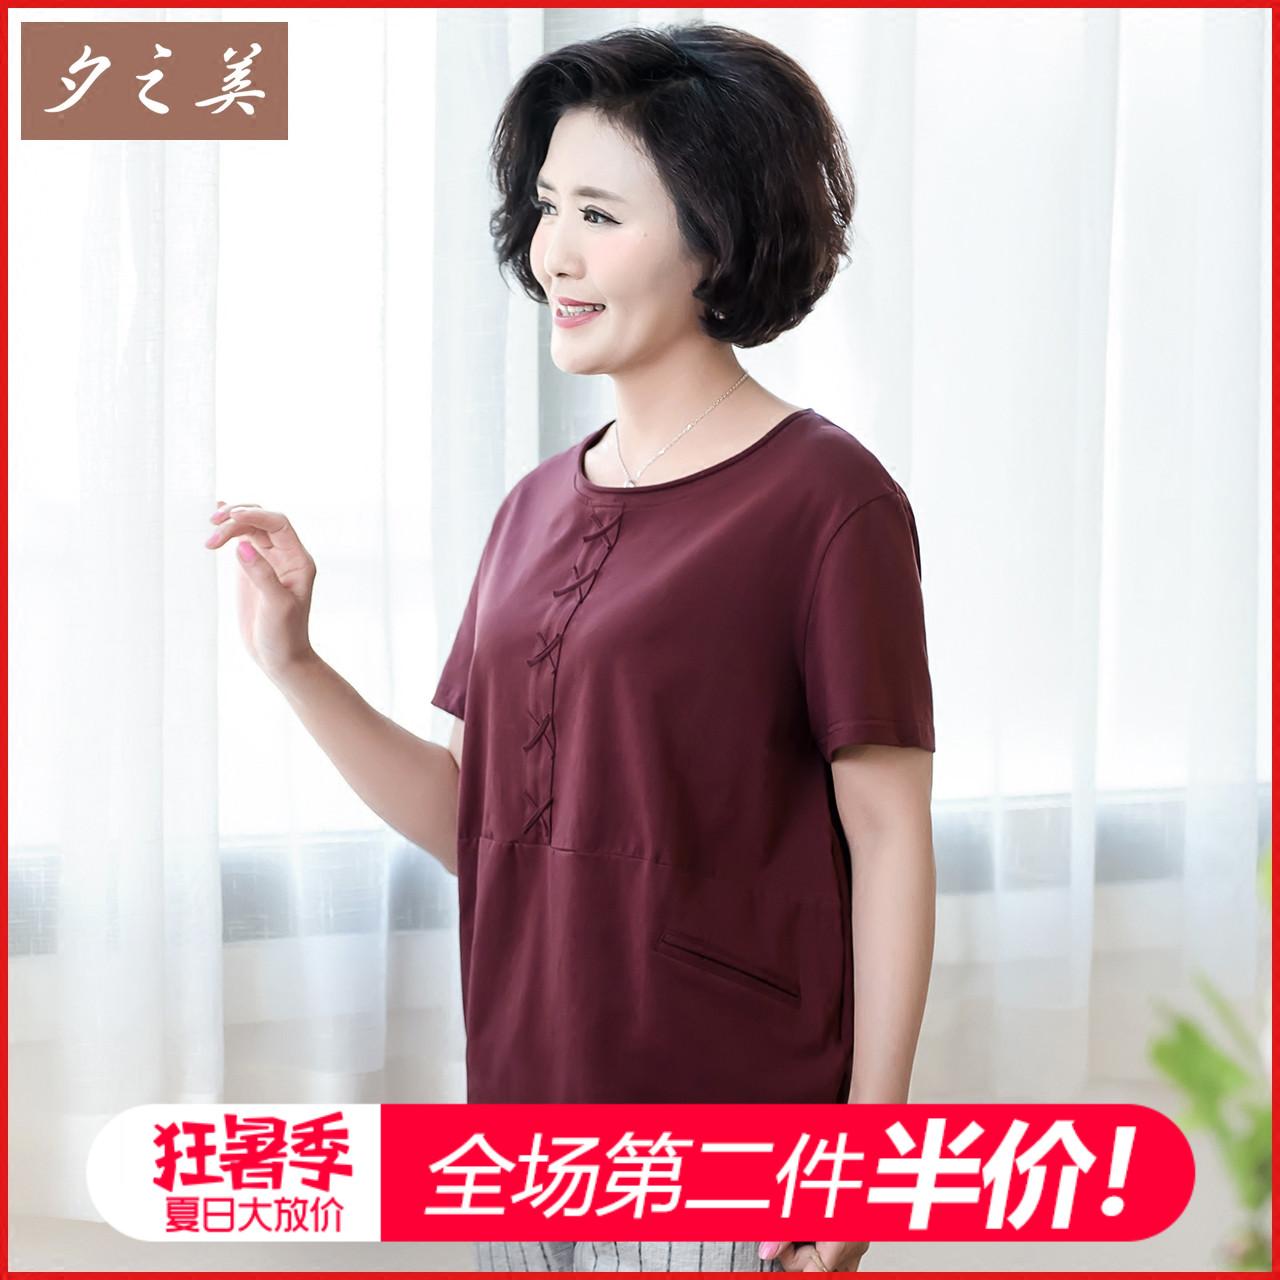 胖妈妈装夏装短袖T恤中老年女装纯棉打底衫中年人加肥加大码衬衫